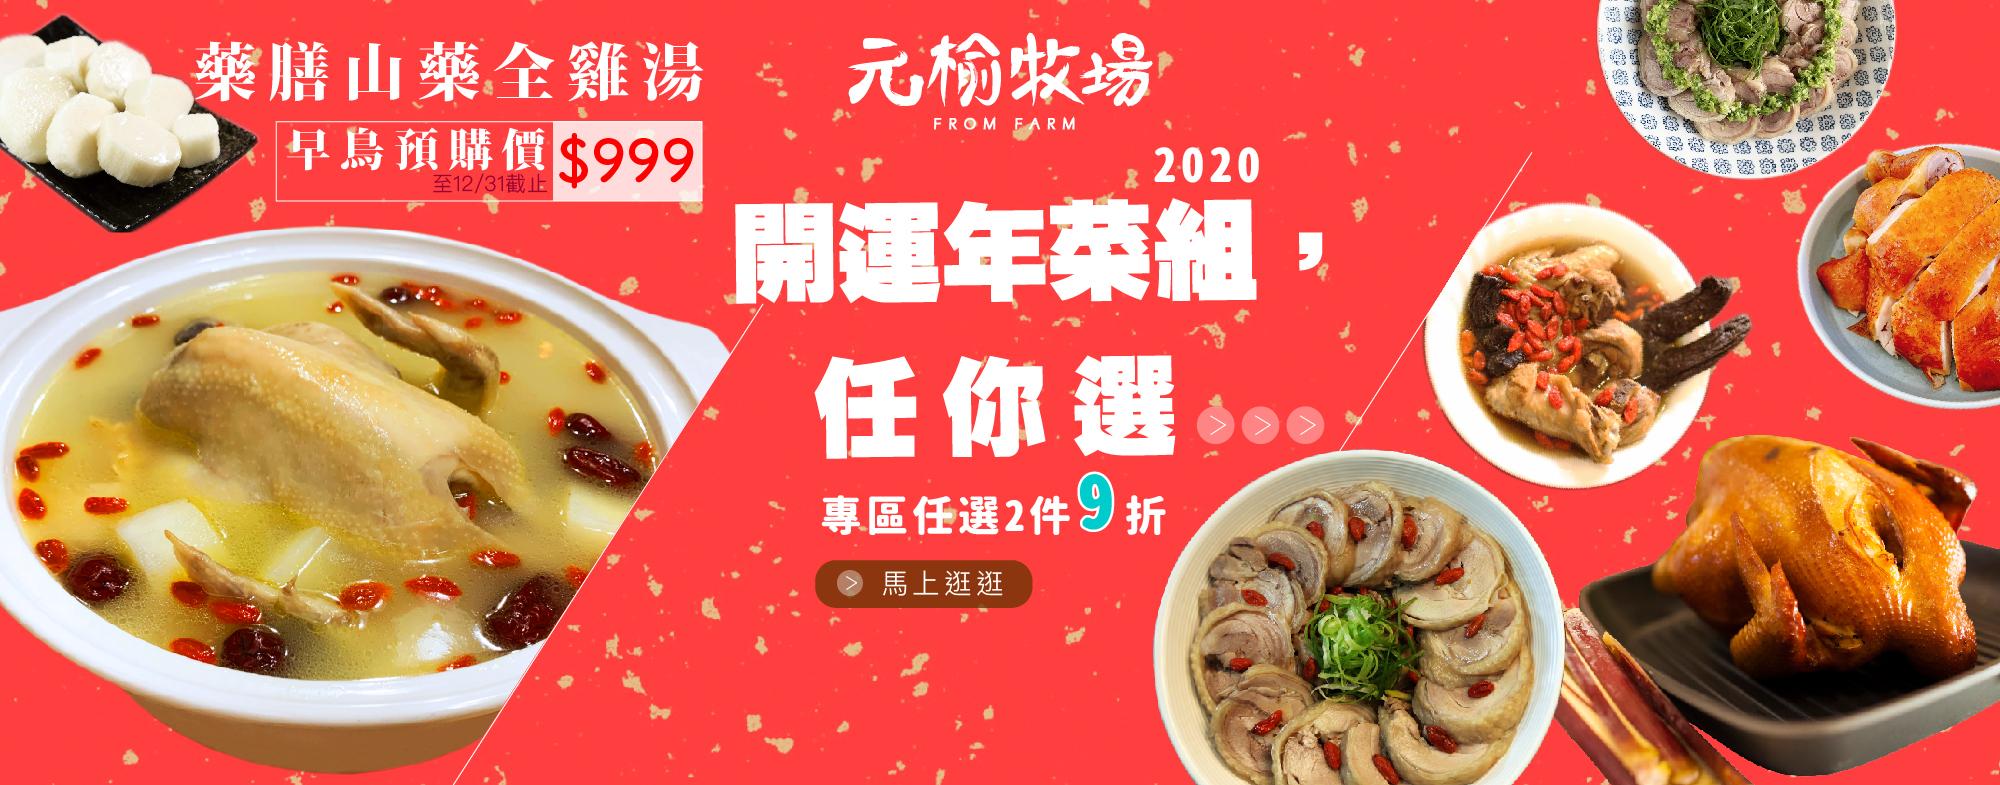 2020開運年菜,專區任選2件9折起;全新上市藥膳山藥全雞湯,早鳥預購價只要999元。